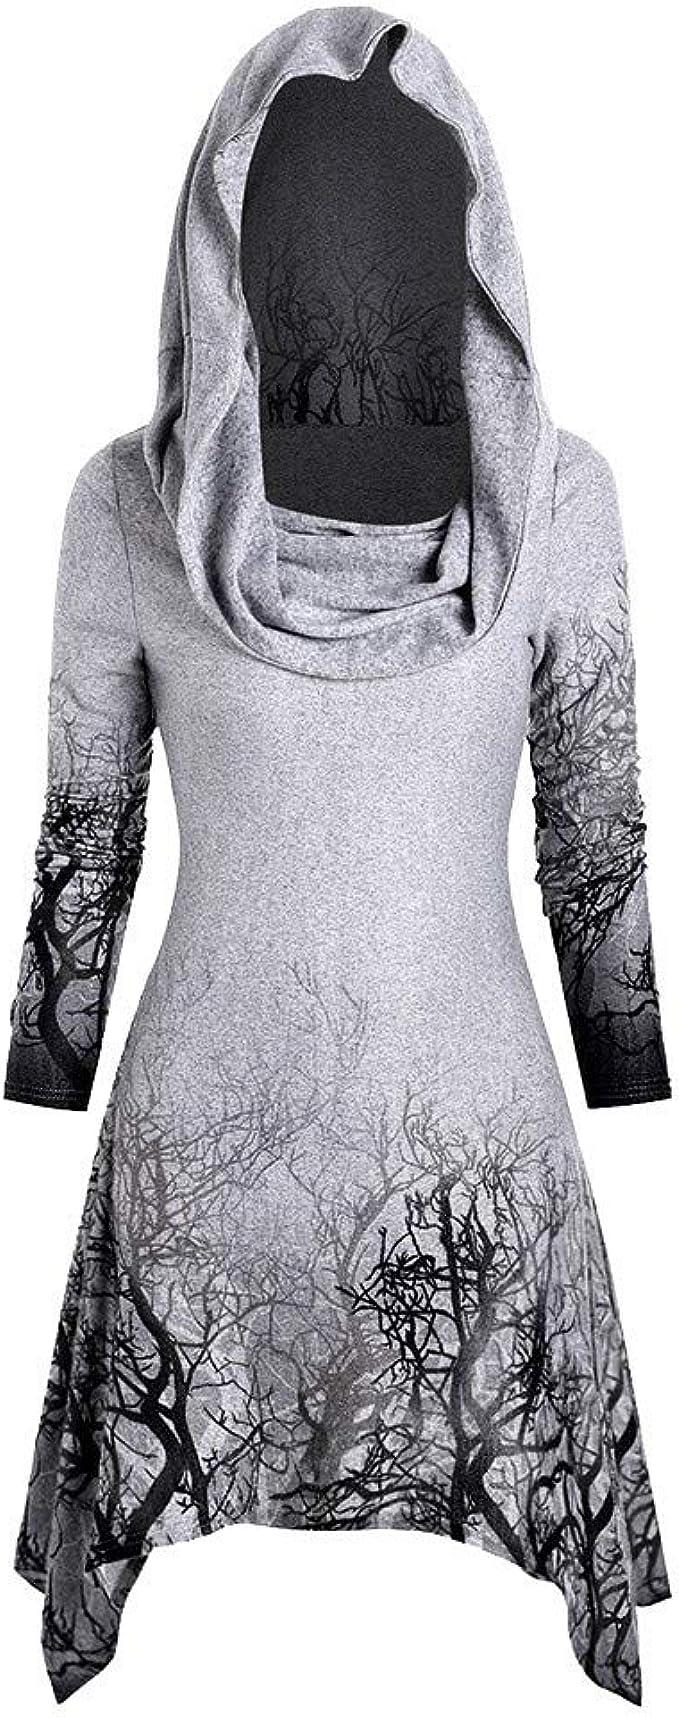 BHYDRY Frauen Halloween Tree Print Cabrio Kragen asymmetrische Strickwaren Mantel Tops